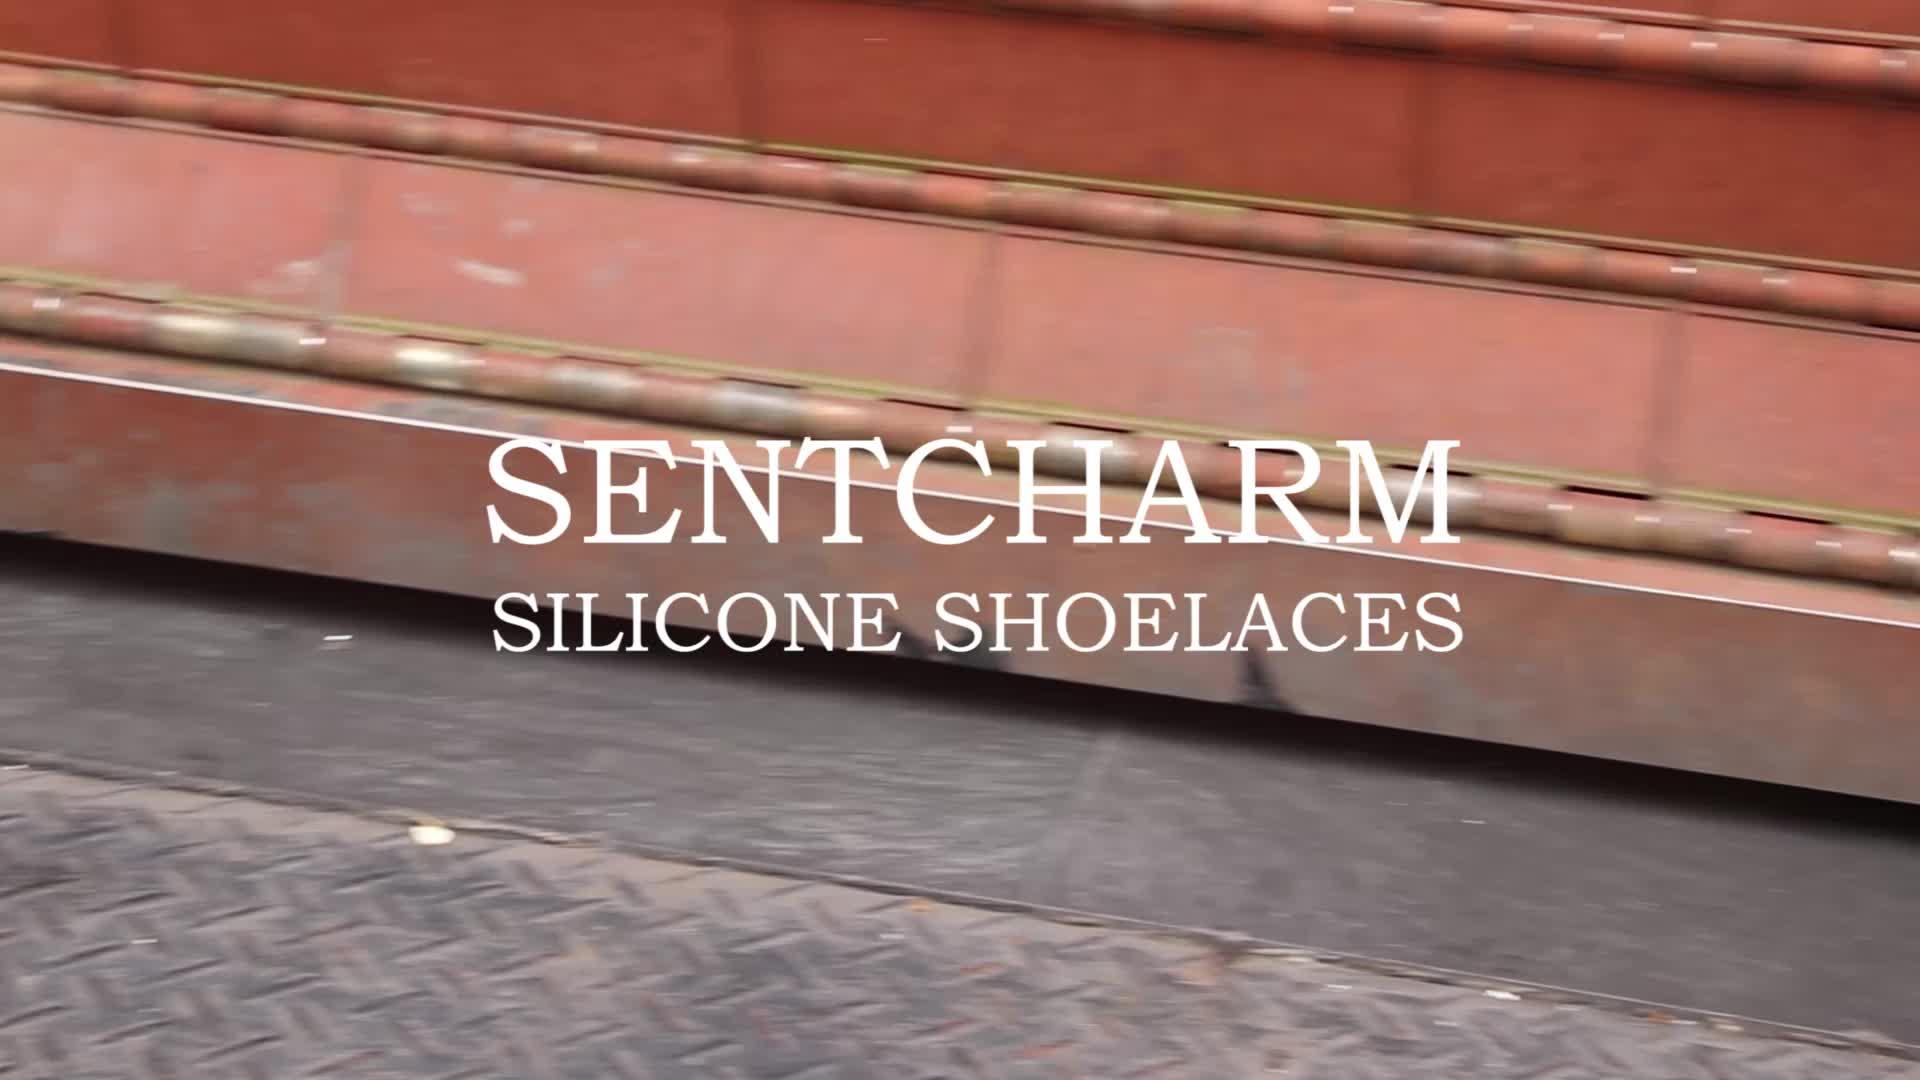 Amazon ベストセラー決してネクタイ弾性靴ひもロックシステム簡単ネクタイ怠惰クイック靴ひも子供のため選手と無効